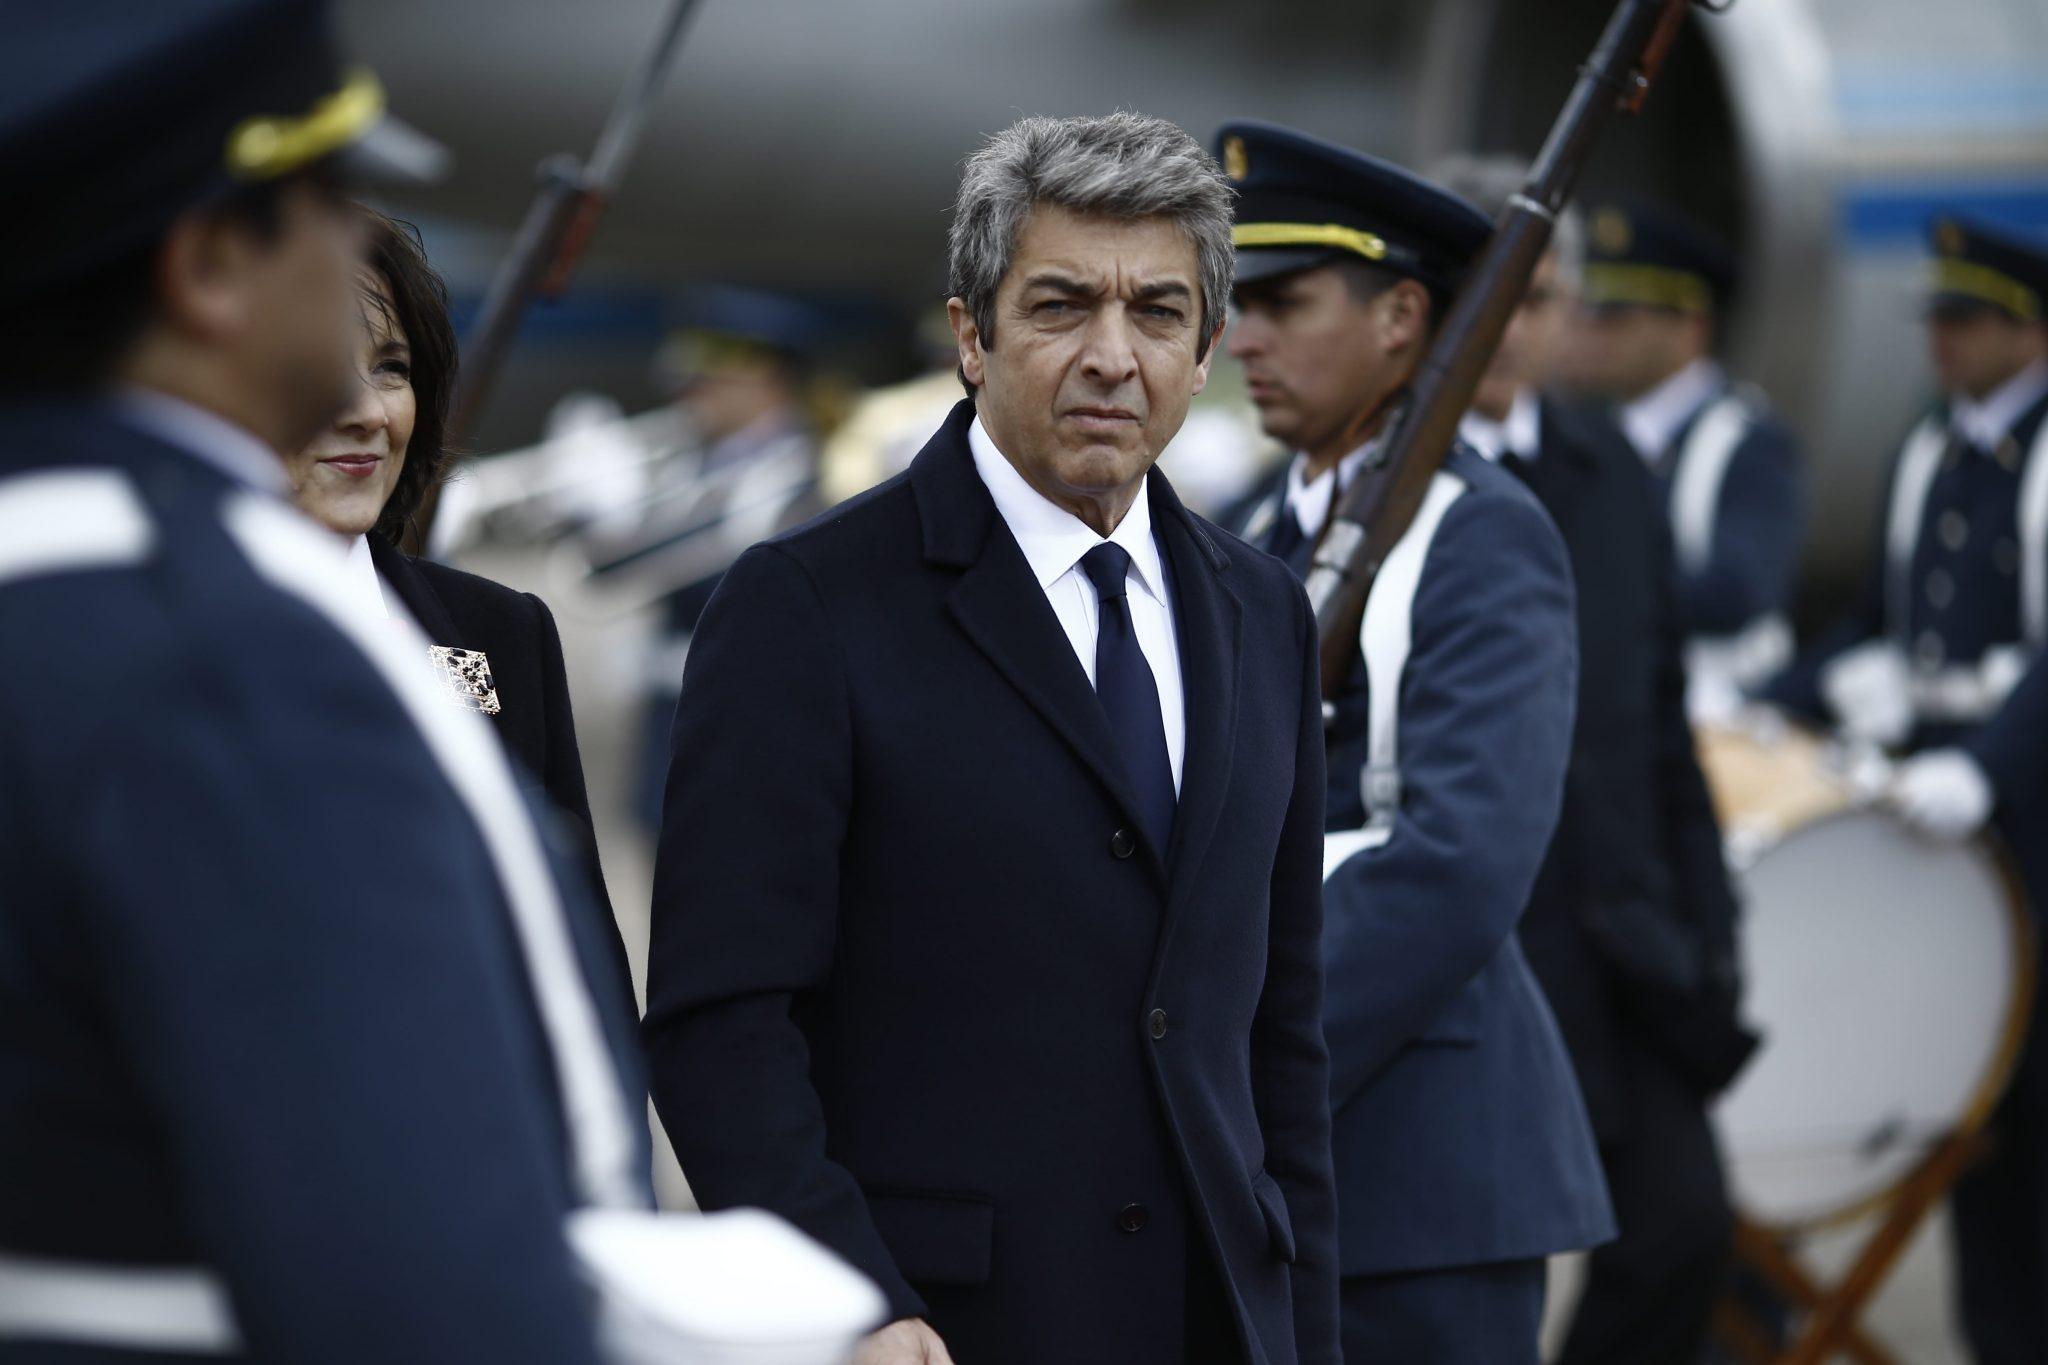 El Presidente Santiago Mitre image 2